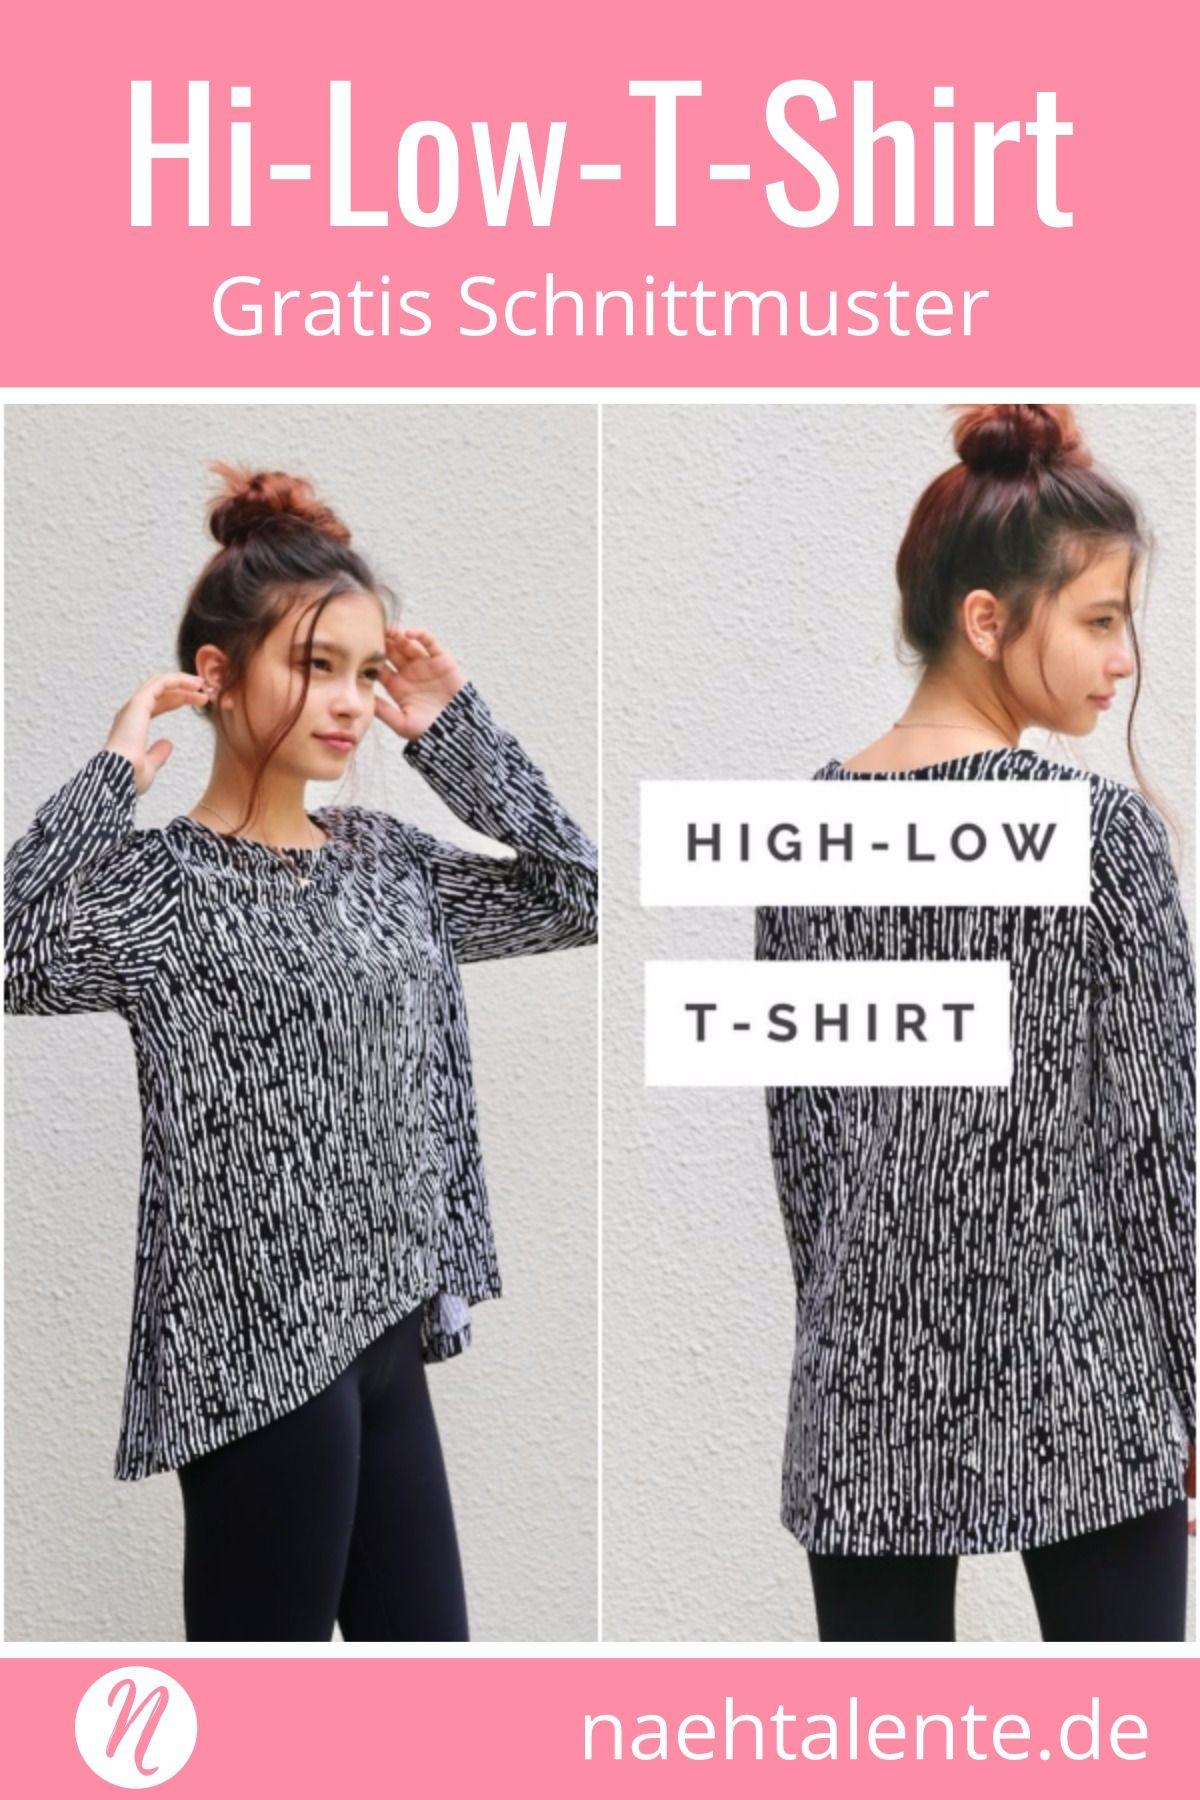 c86507816255a Hi-Low-T-Shirt für Damen ❤ PDF Schnittmuster zum Ausdrucken ❤ Gratis ❤ Gr. S  - XXL ✂ Nähtalente - Das Magazin für Hobbyschneider/innen mit ...